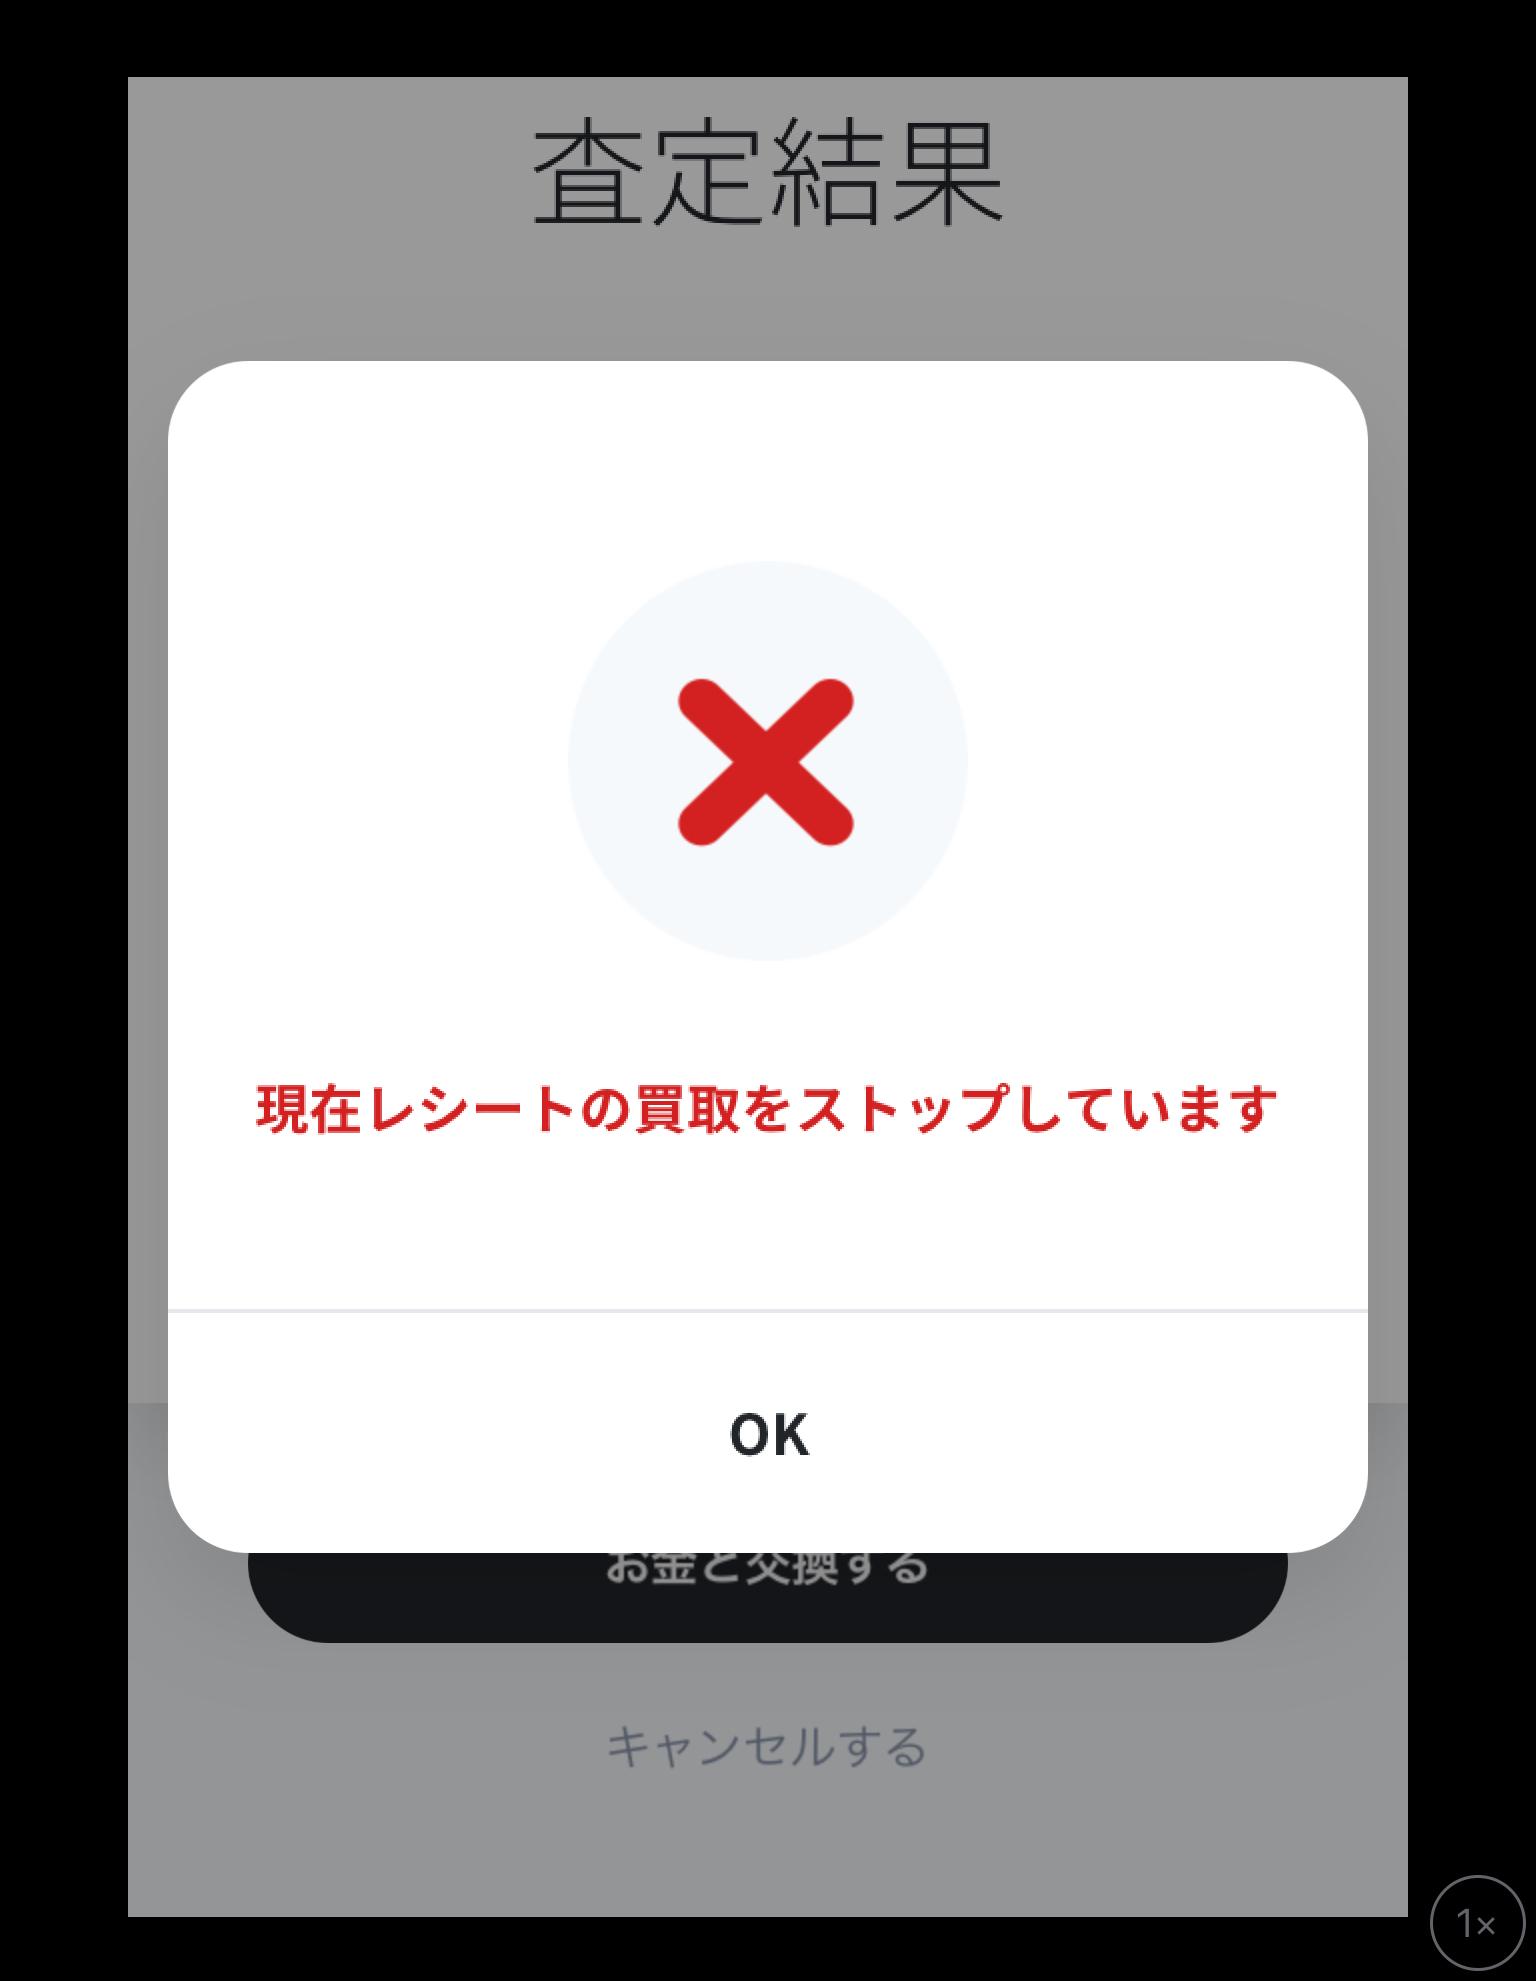 レシート1枚が10円にかわるアプリ「ONE(ワン)」買取停止中